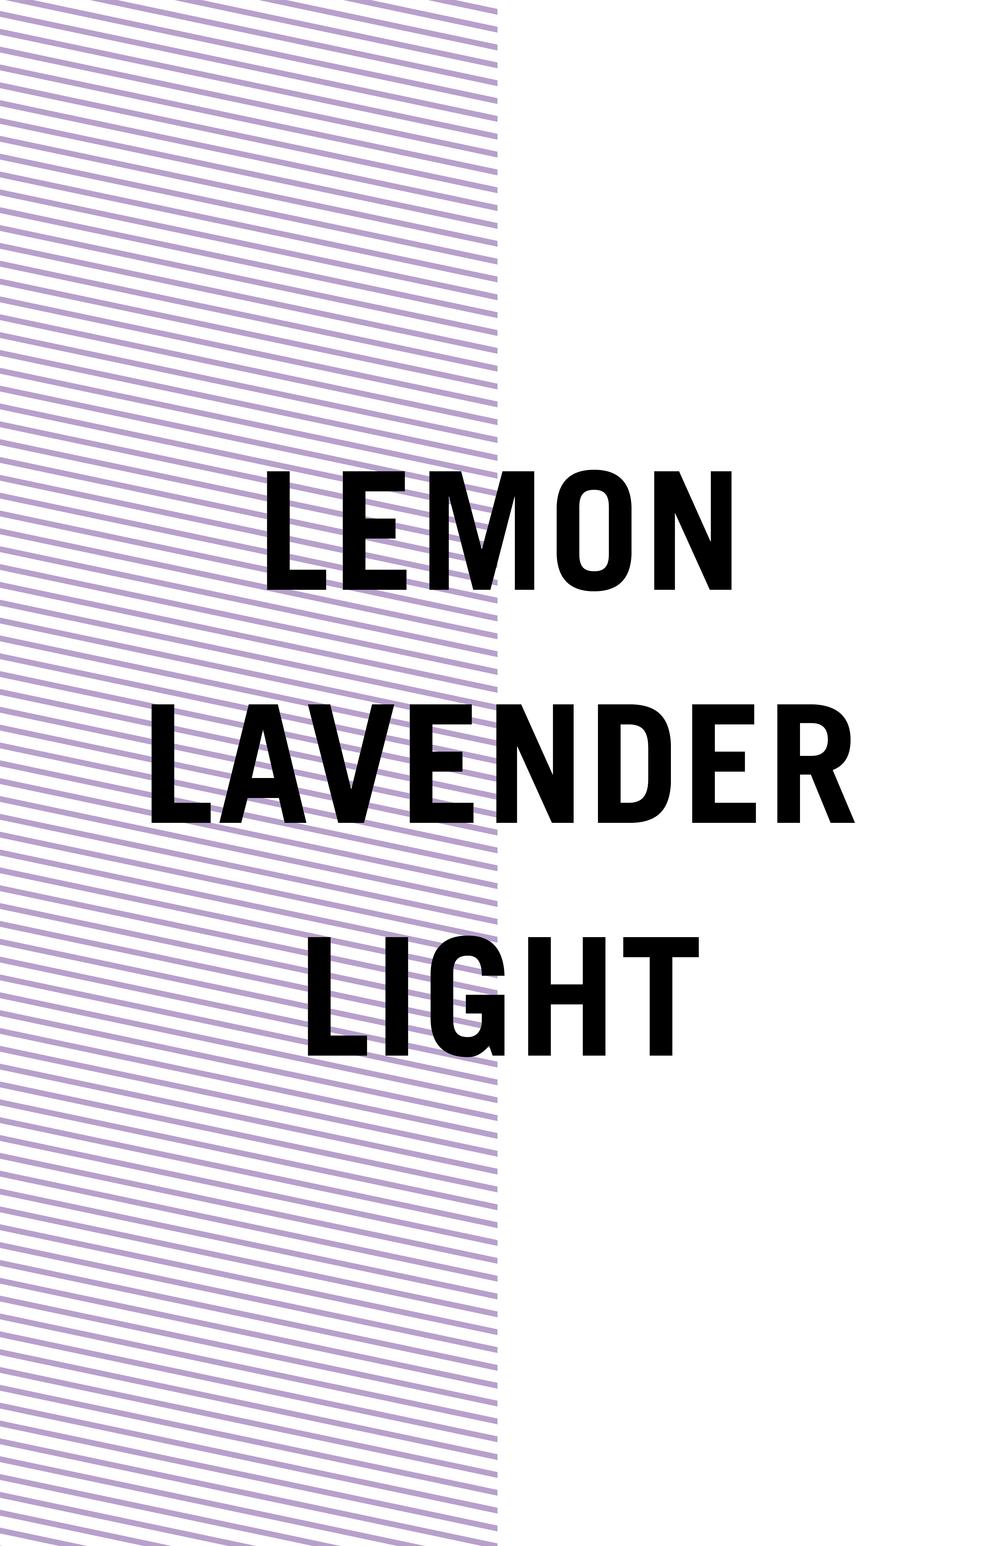 LemonLav-03.png